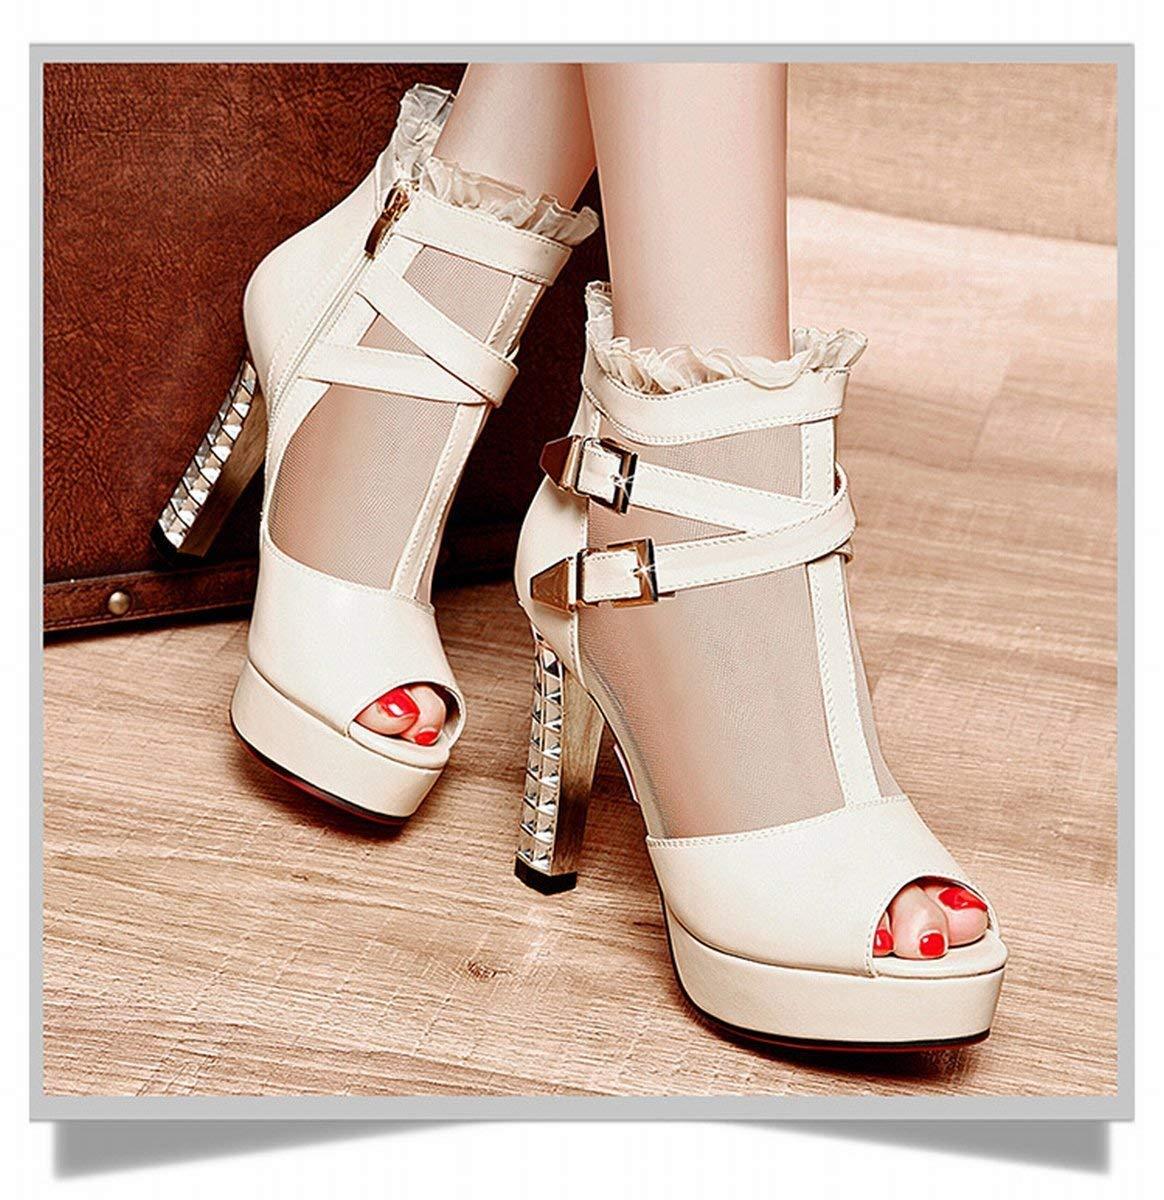 Oudan Roma mit Die Sandalen der Herr high-Heeled Aufsatz Aufsatz Aufsatz von Fisch Schuhe Schuhe Martin (Farbe   Beige, Größe   35) 38ca01